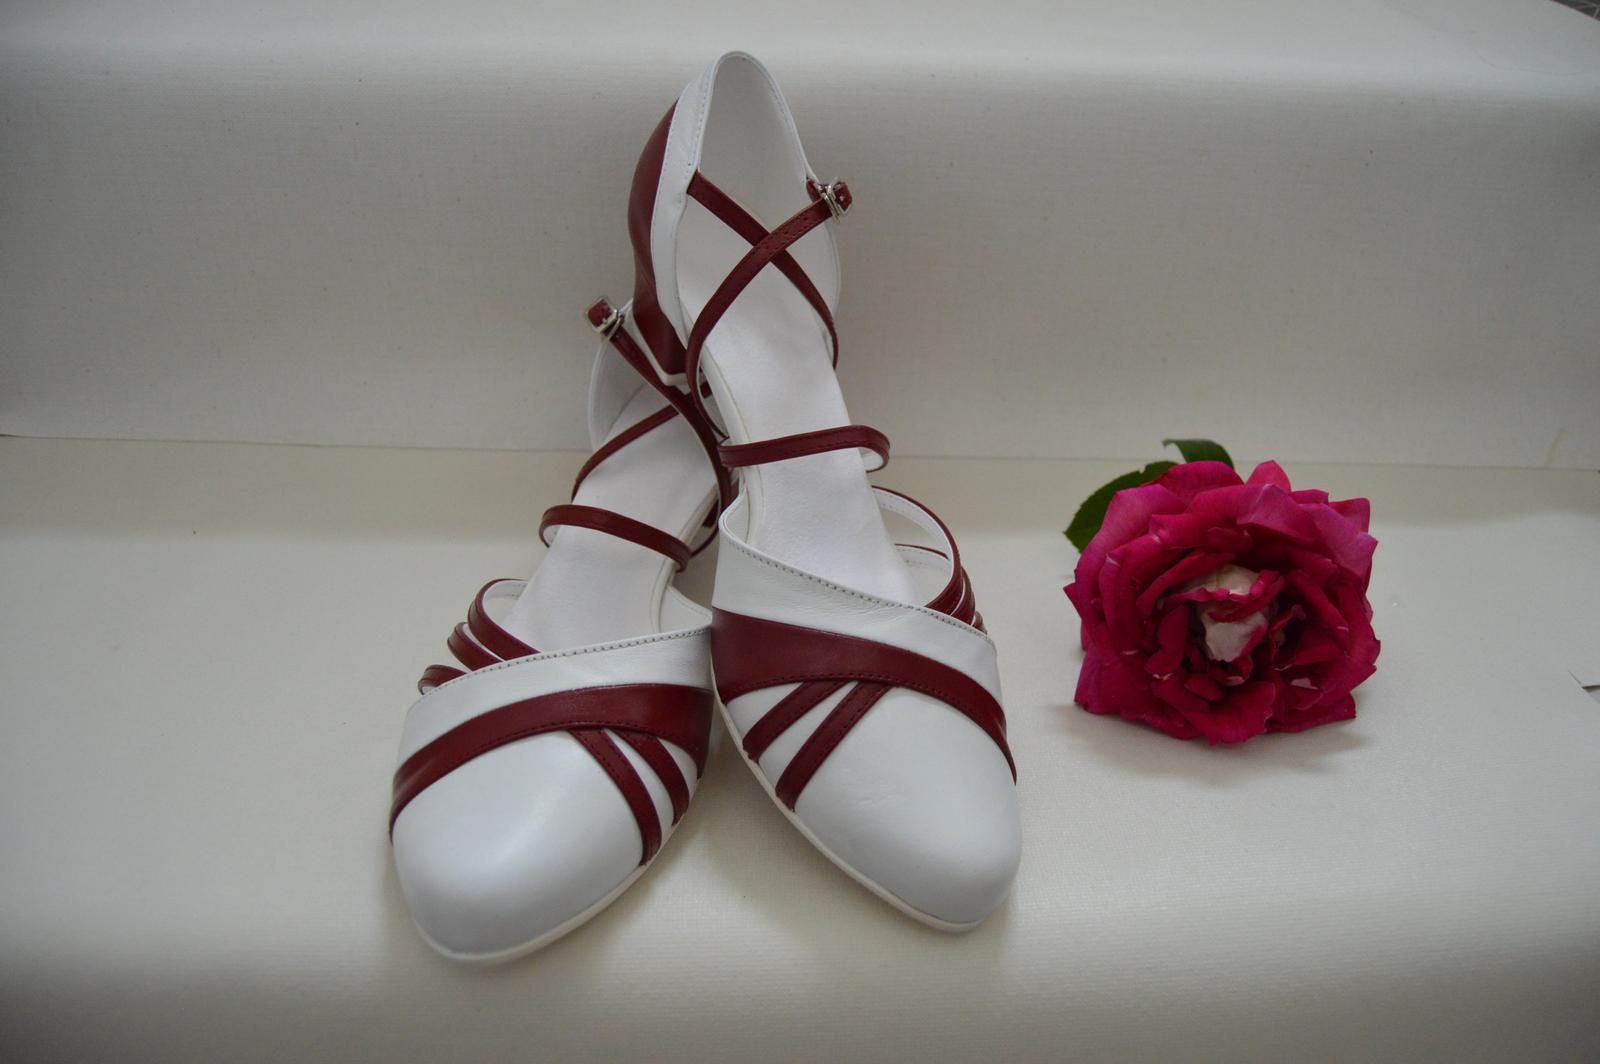 Svadobné topánky s úpravou na želanie - inšpirácie bordó, hnědá, čokoládová - Model Victoria v kombinácii pravej kože bordó a bielej - svadobná obuv v tanečnom štýle - úpravy podľa želania klientky